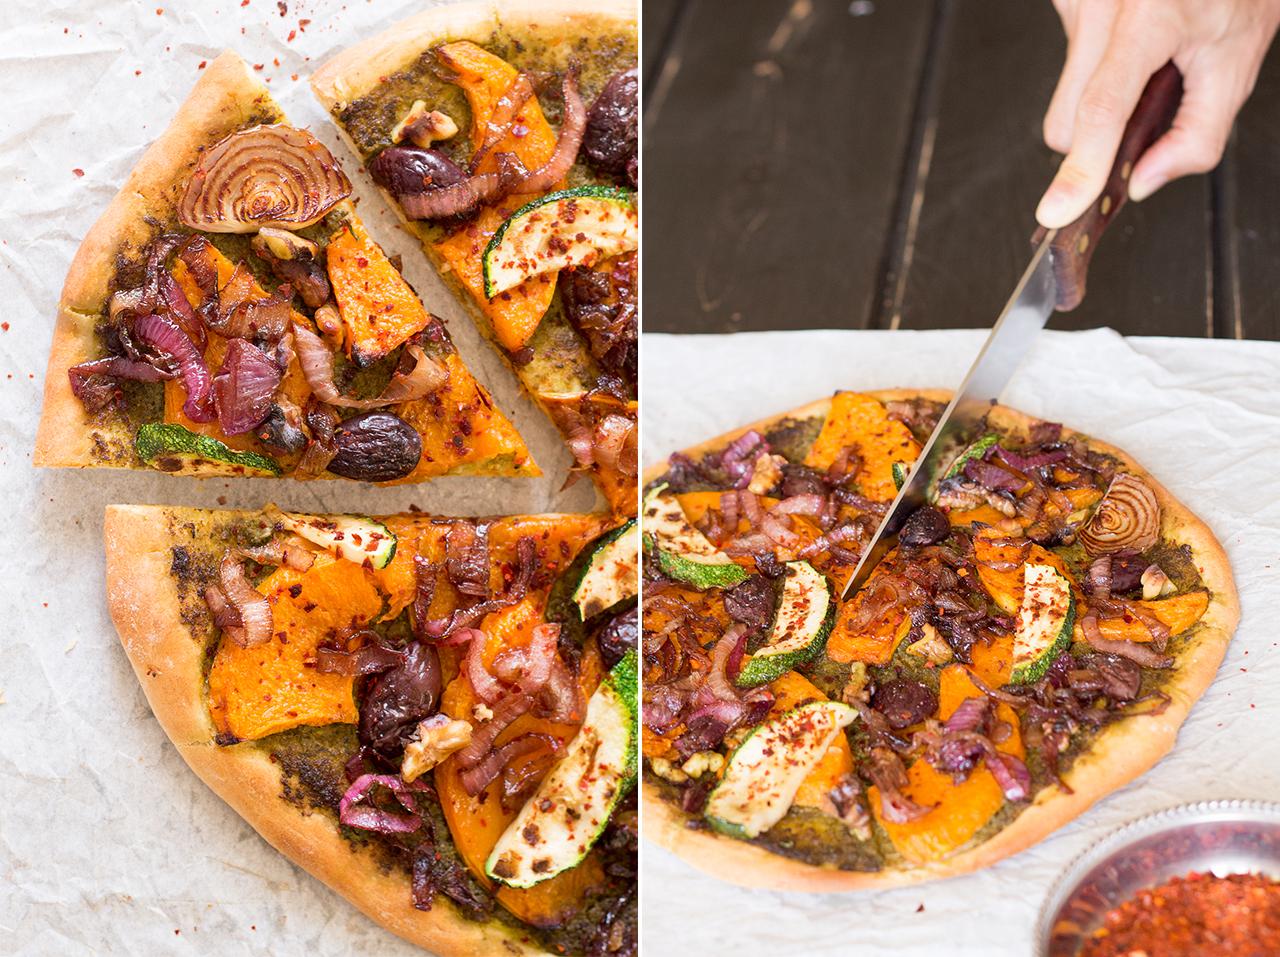 wegańska pizza z dynia krojenie